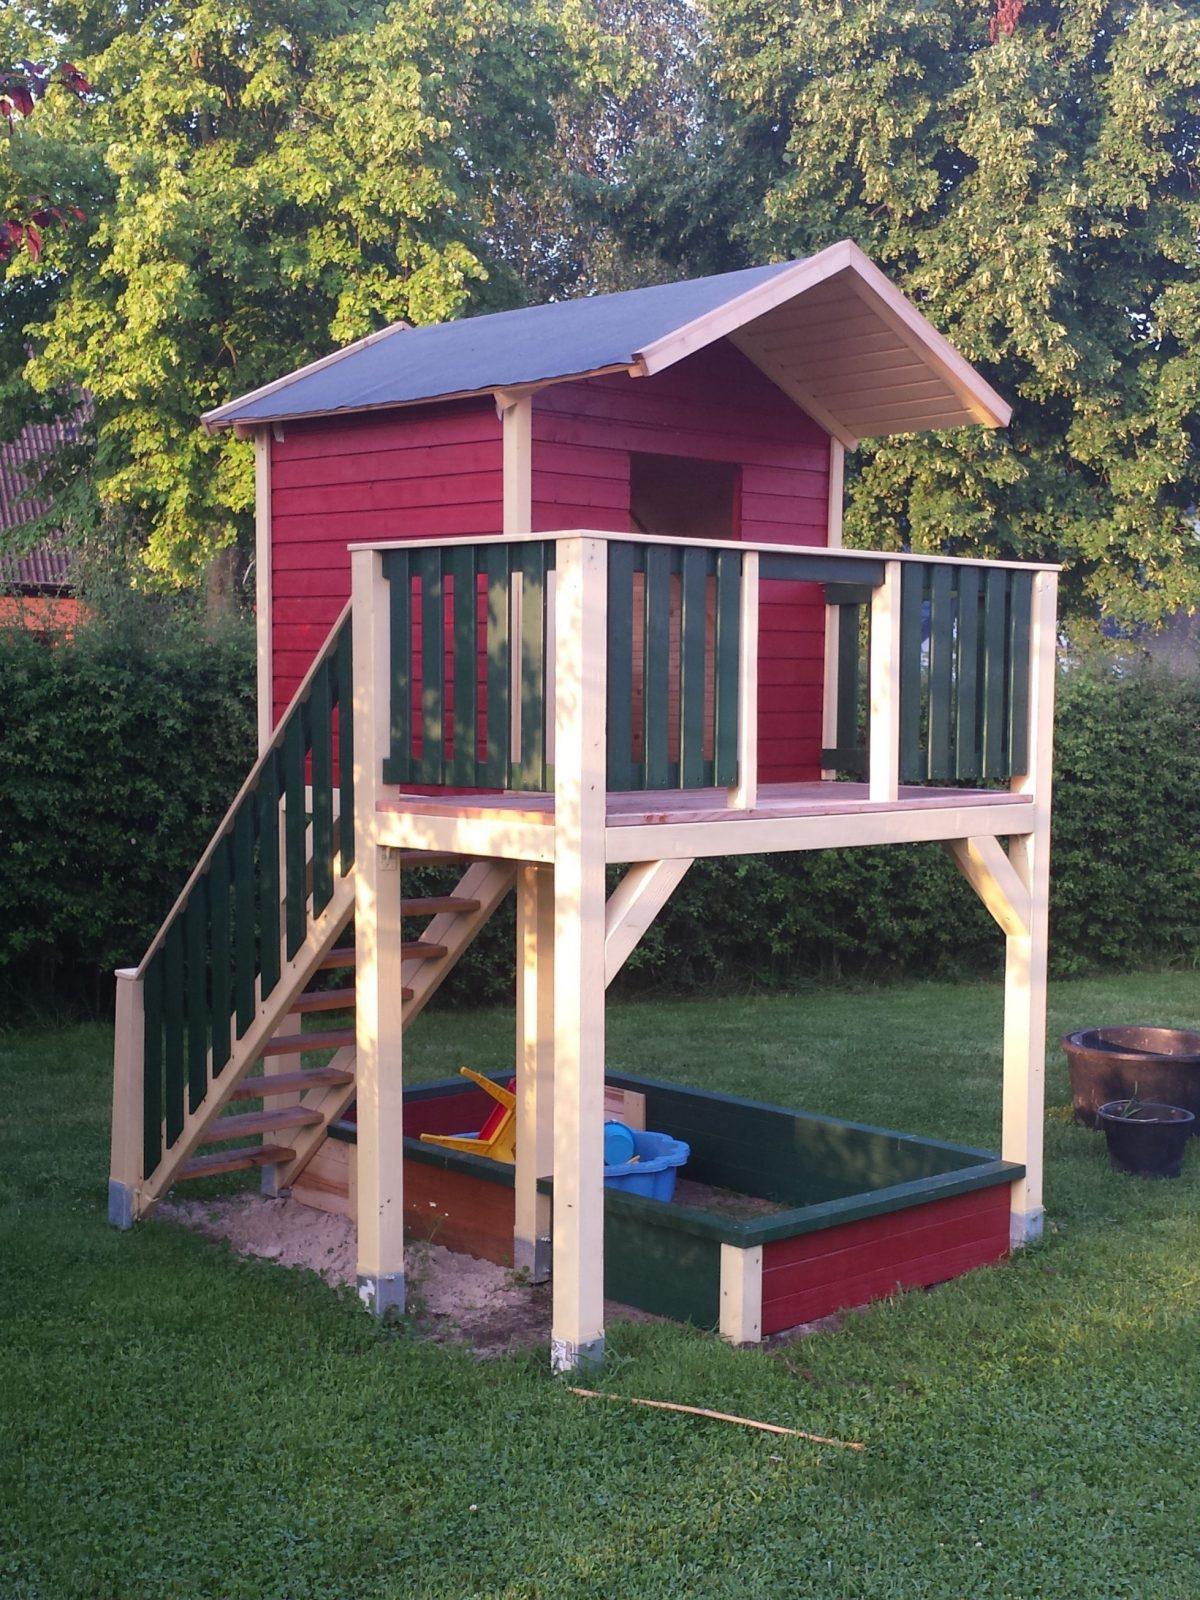 Spielturm Mit Treppe Bauanleitung Zum Selber Bauen  Garten Ideen In von Spielgeräte Garten Selber Bauen Photo